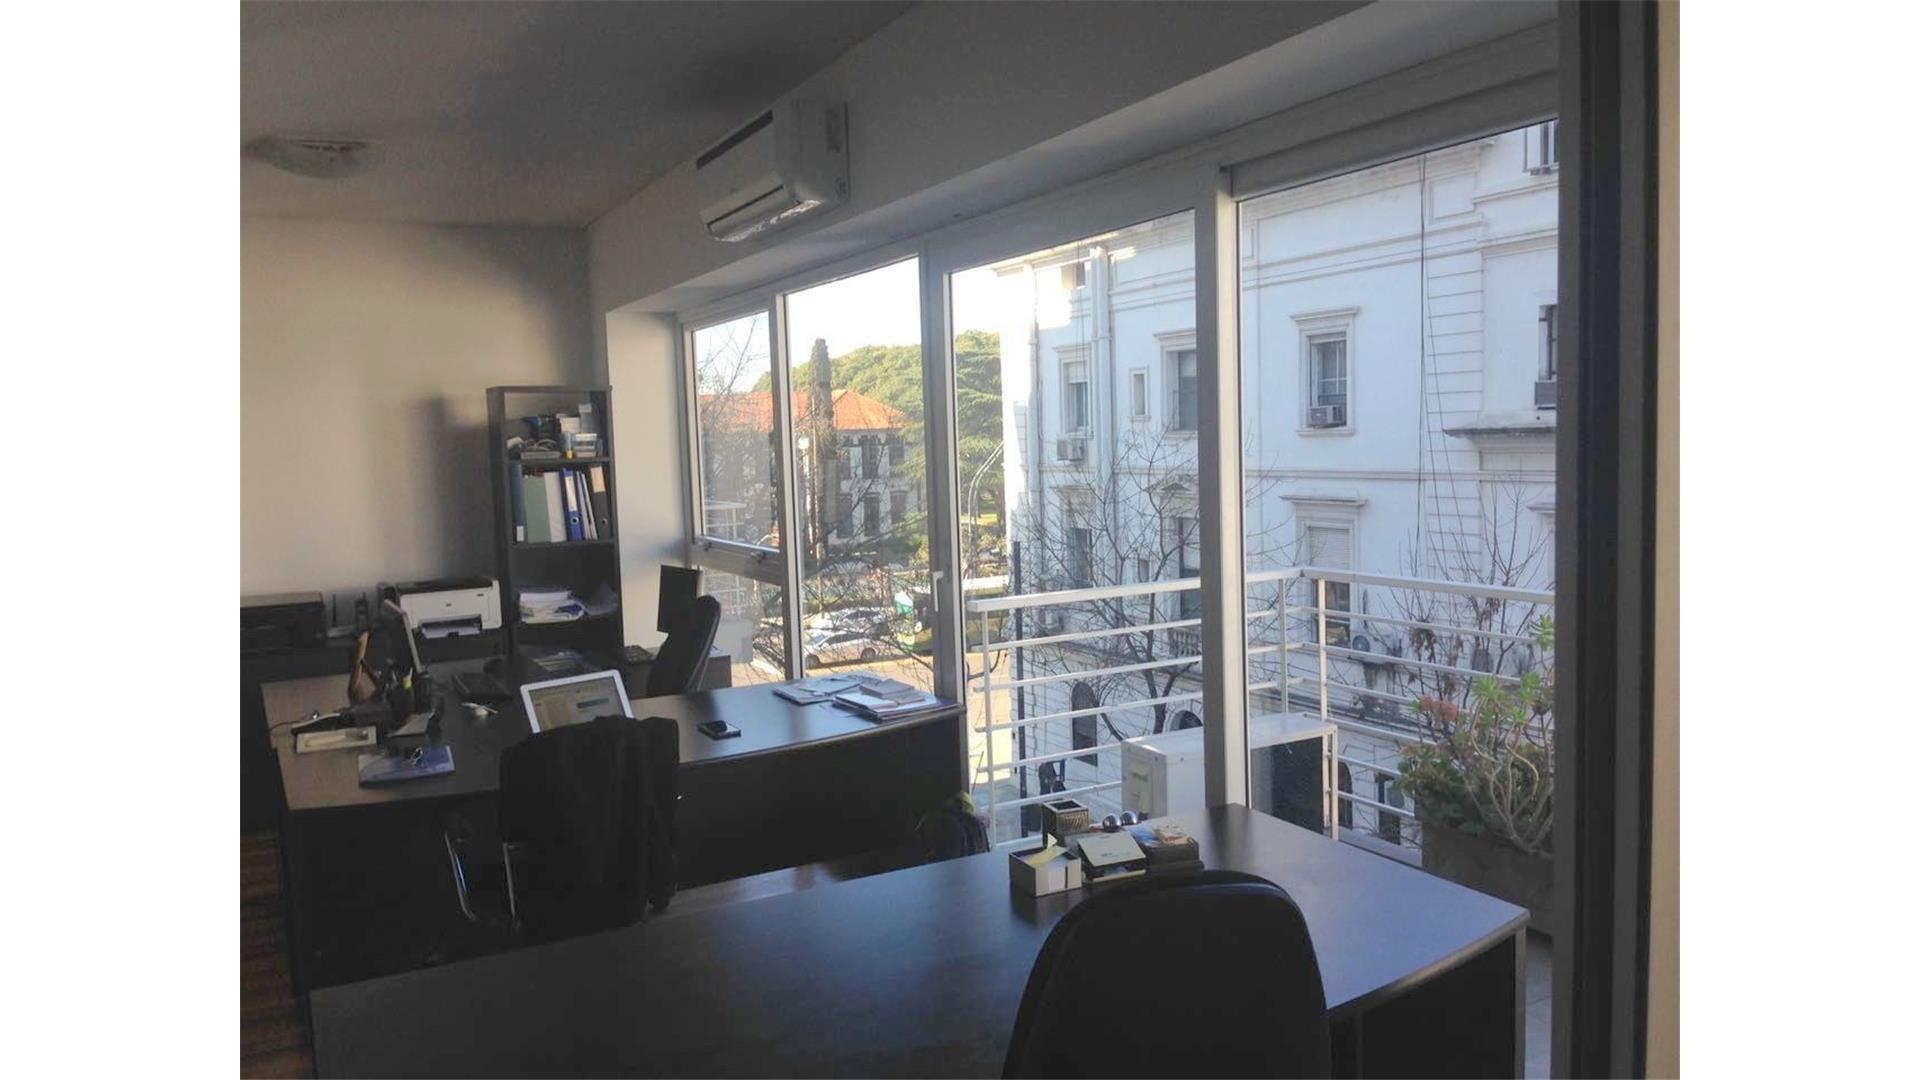 Oficina en Alquiler en Nuñez - 2 ambientes